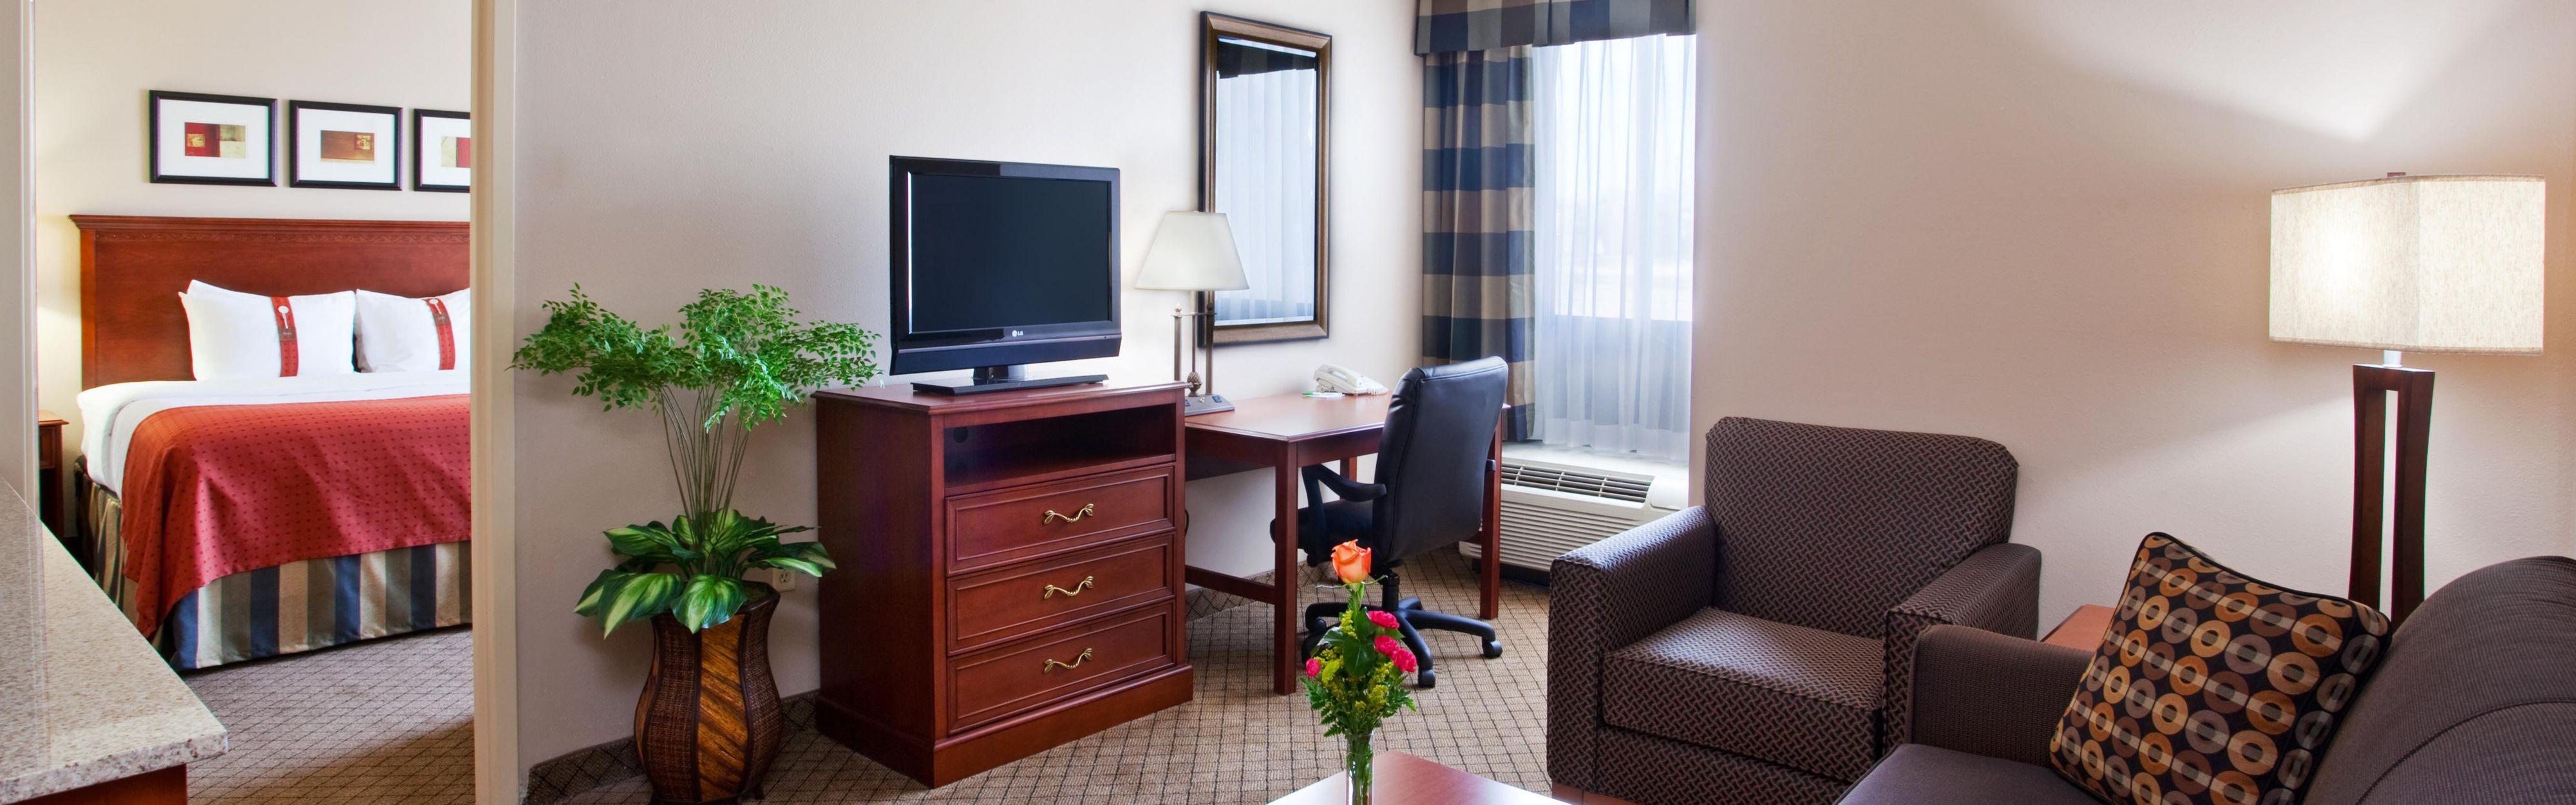 Holiday Inn Amp Suites Cincinnati Eastgate I 275e